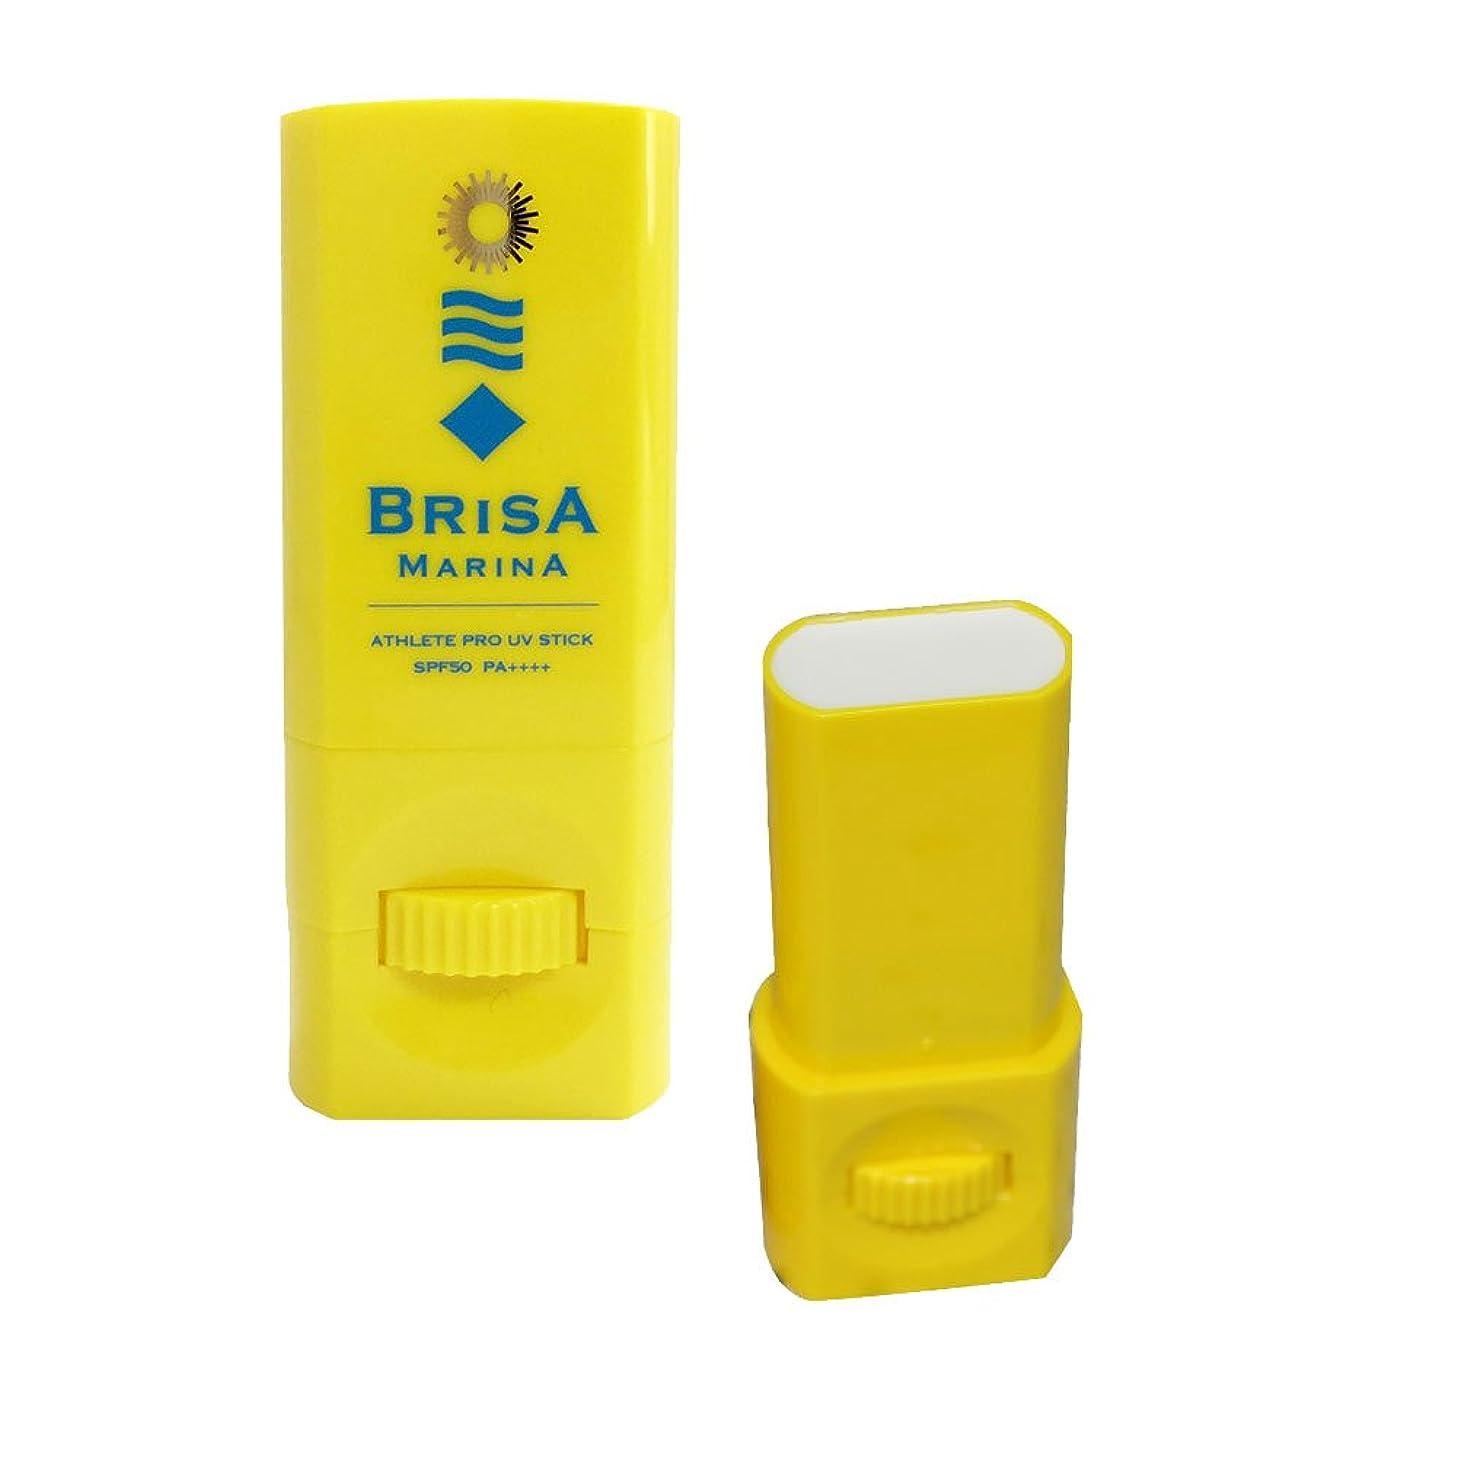 緯度乱れかどうかBRISA MARINA(ブリサ マリーナ) 日焼け止めUVスティック(ホワイト) 10g [SPF50 PA++++] Z-0CBM0016010 バリエーション不要